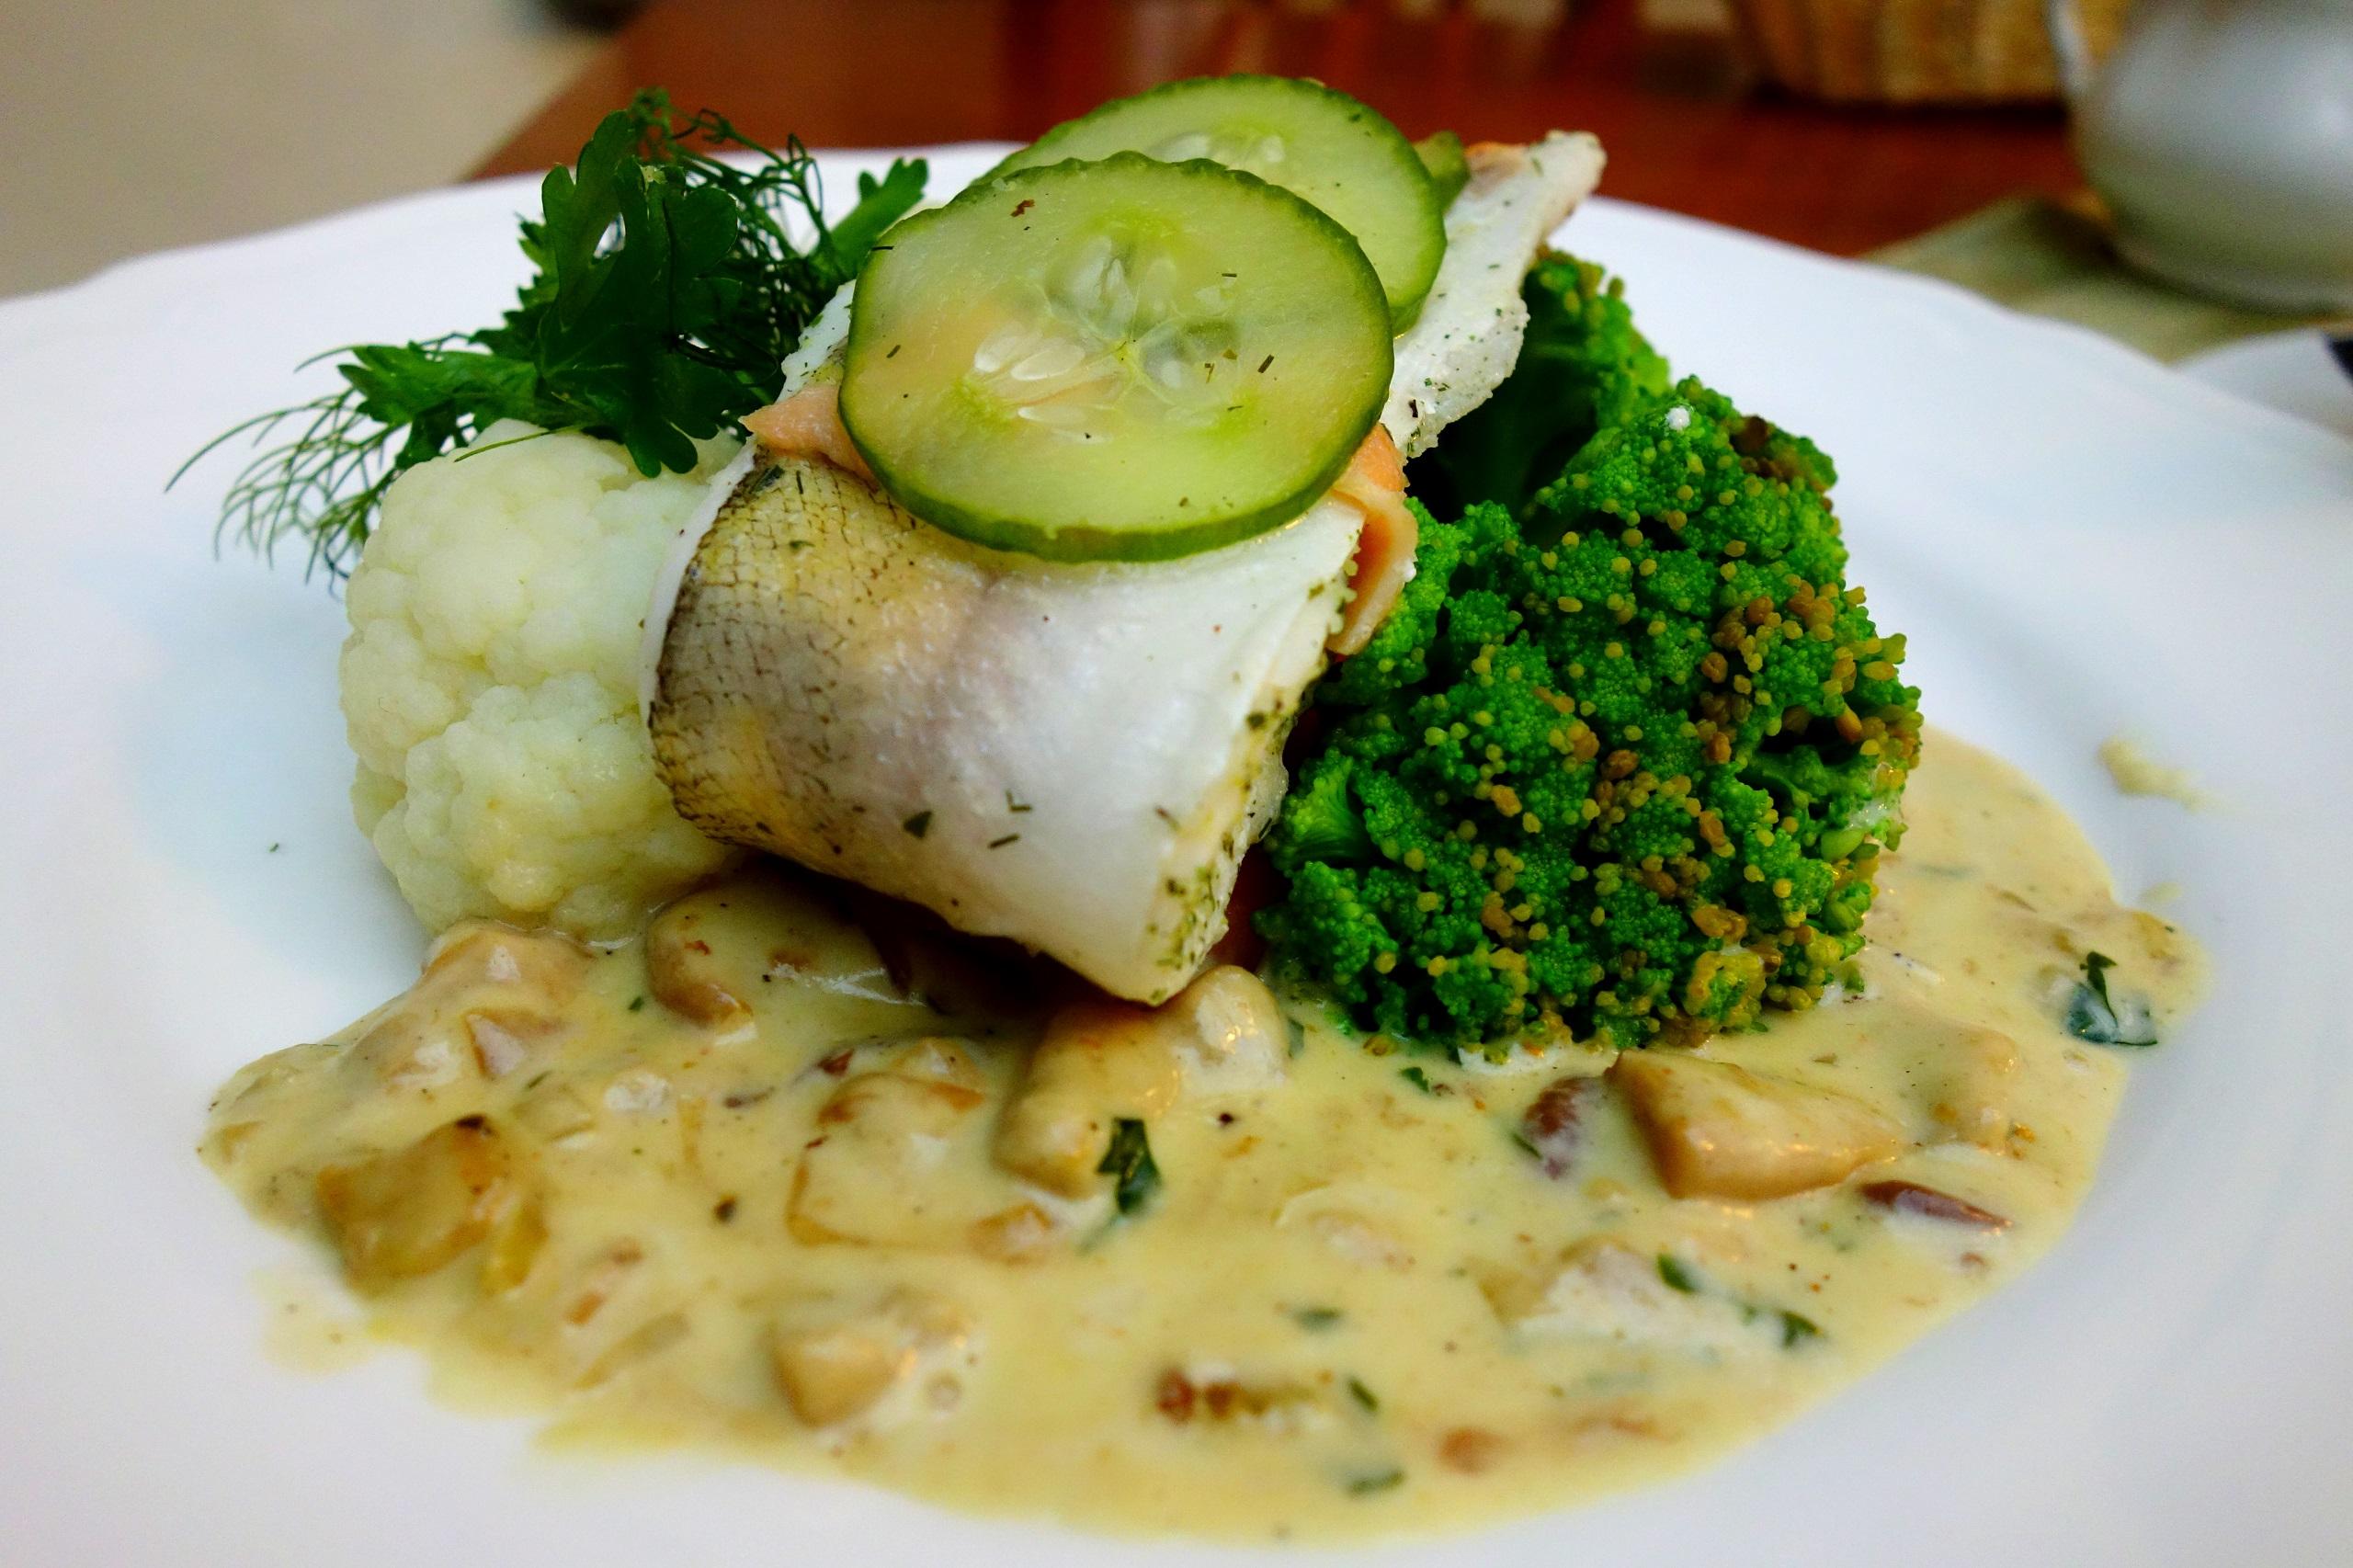 Pyszna ryba podana w zamkowej restauracji - Zamek na Skale